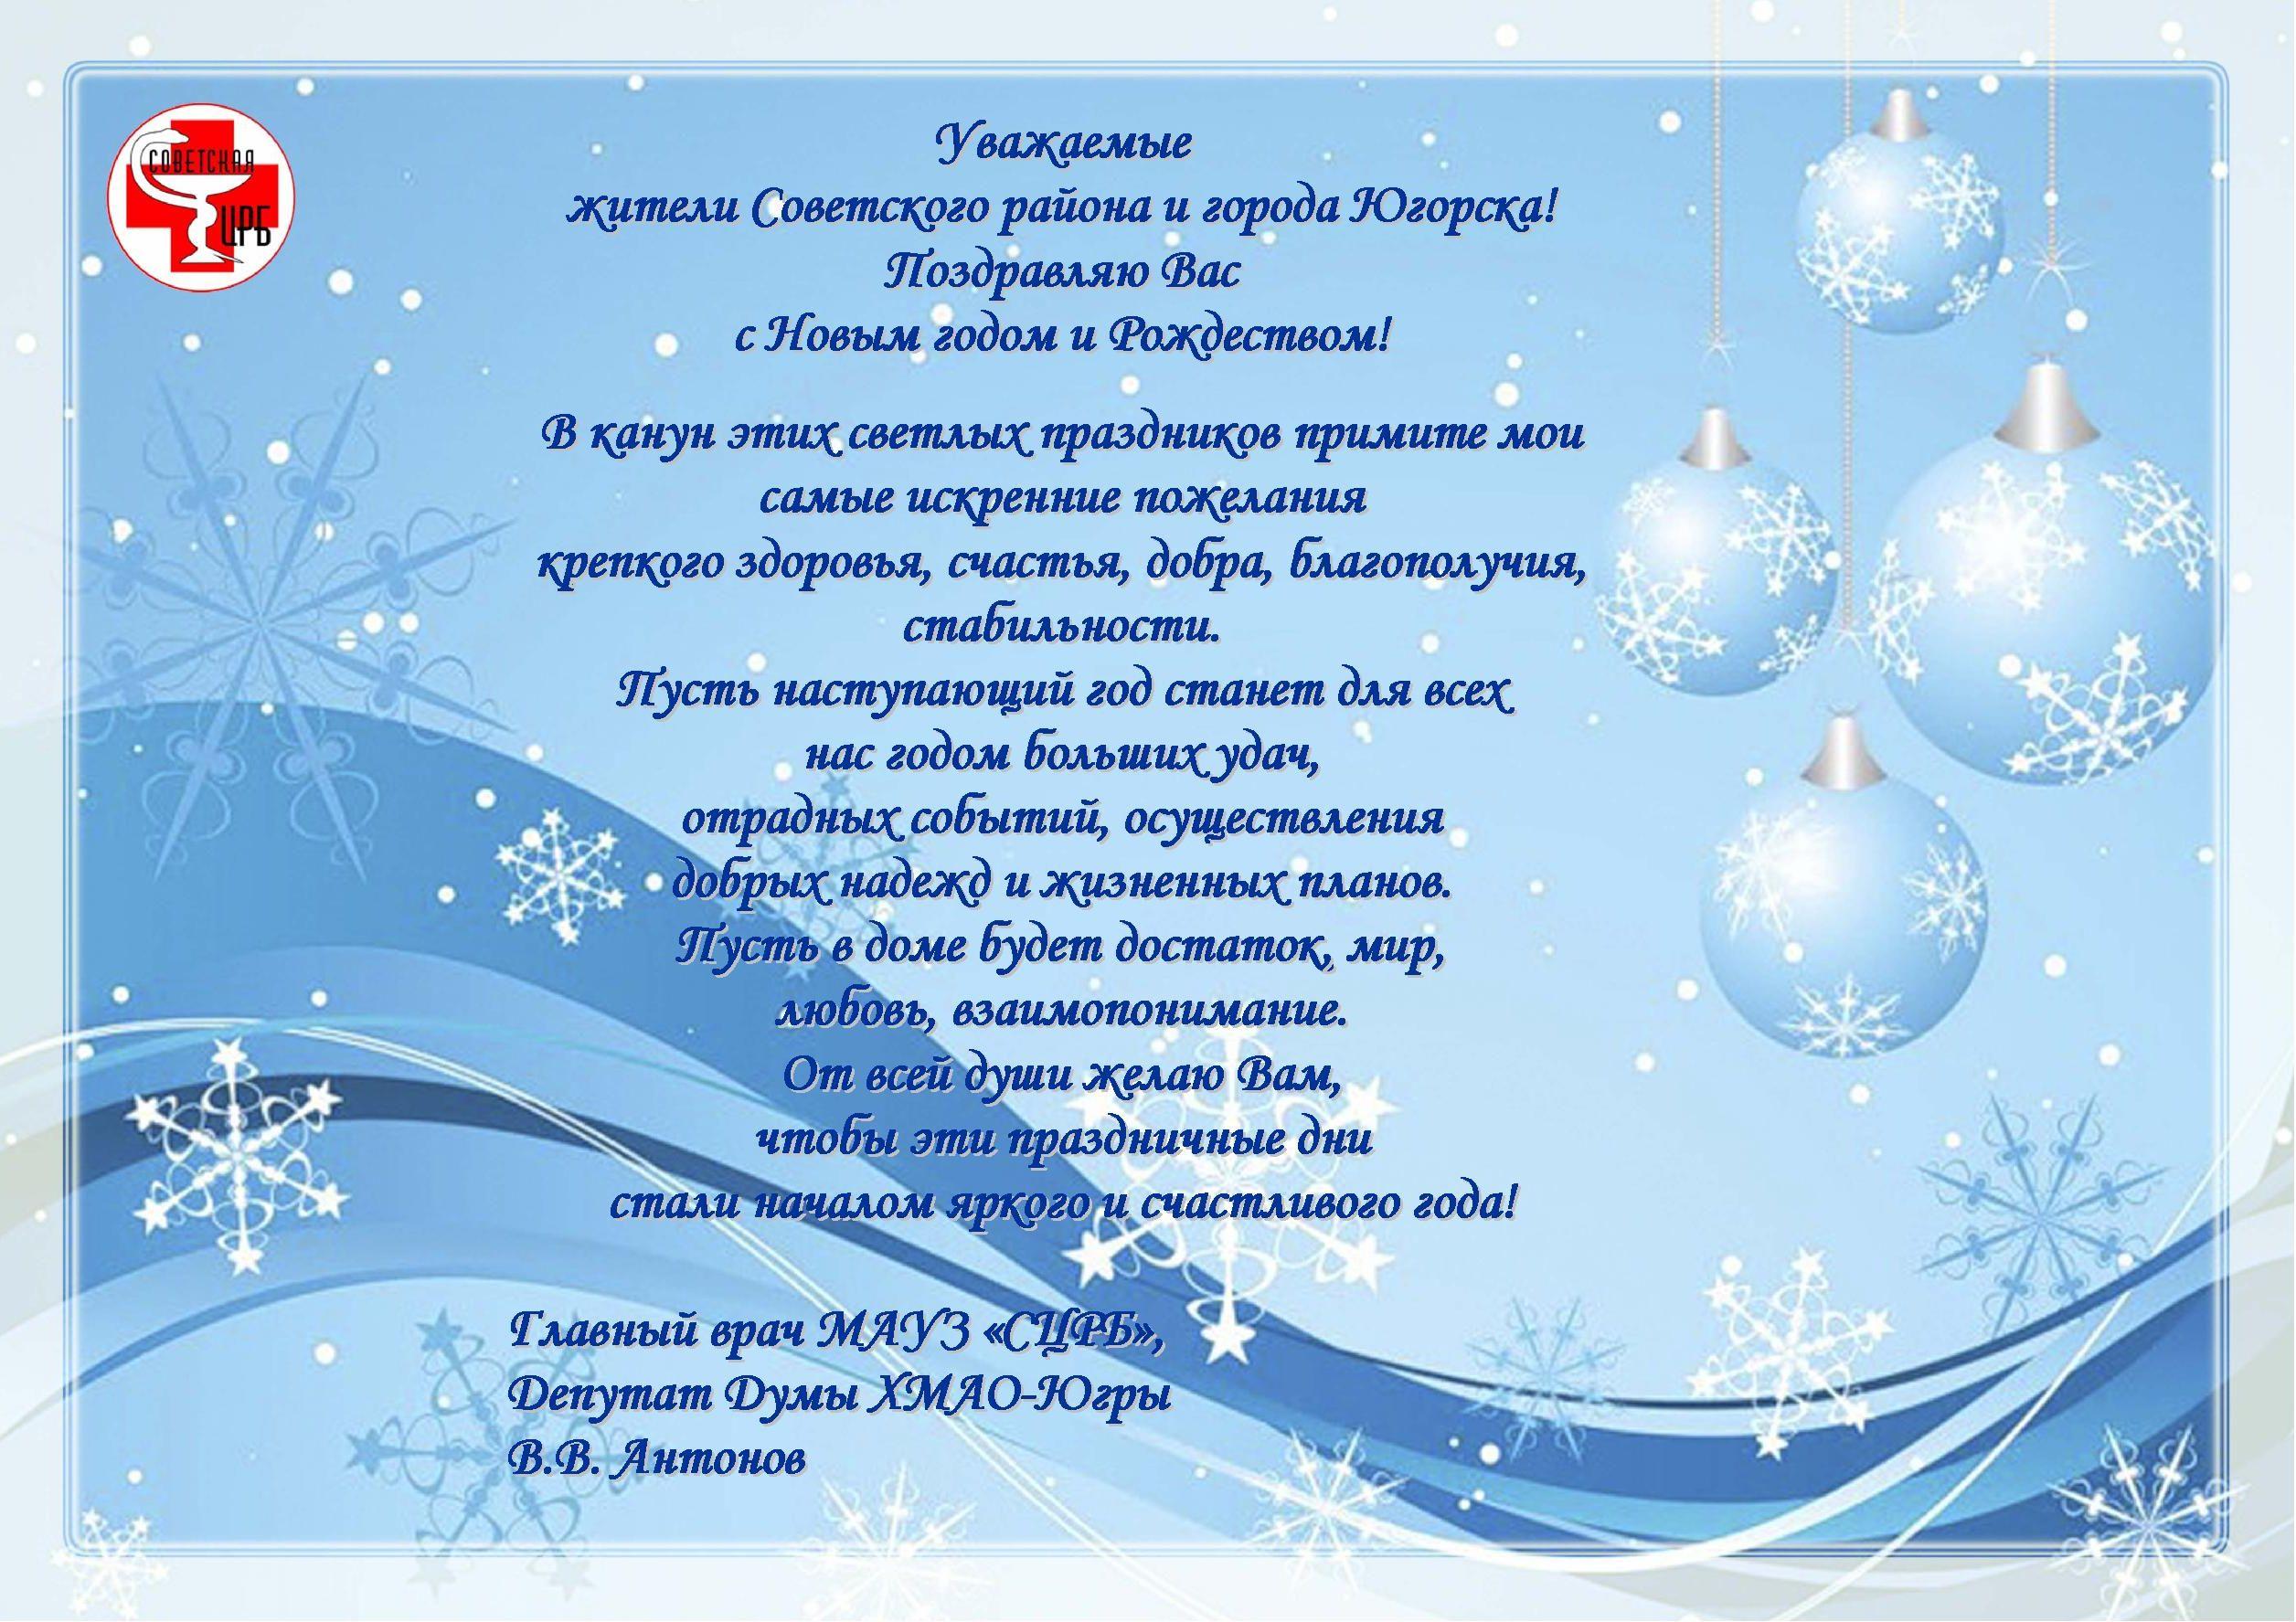 Поздравления для главного врача на новый год